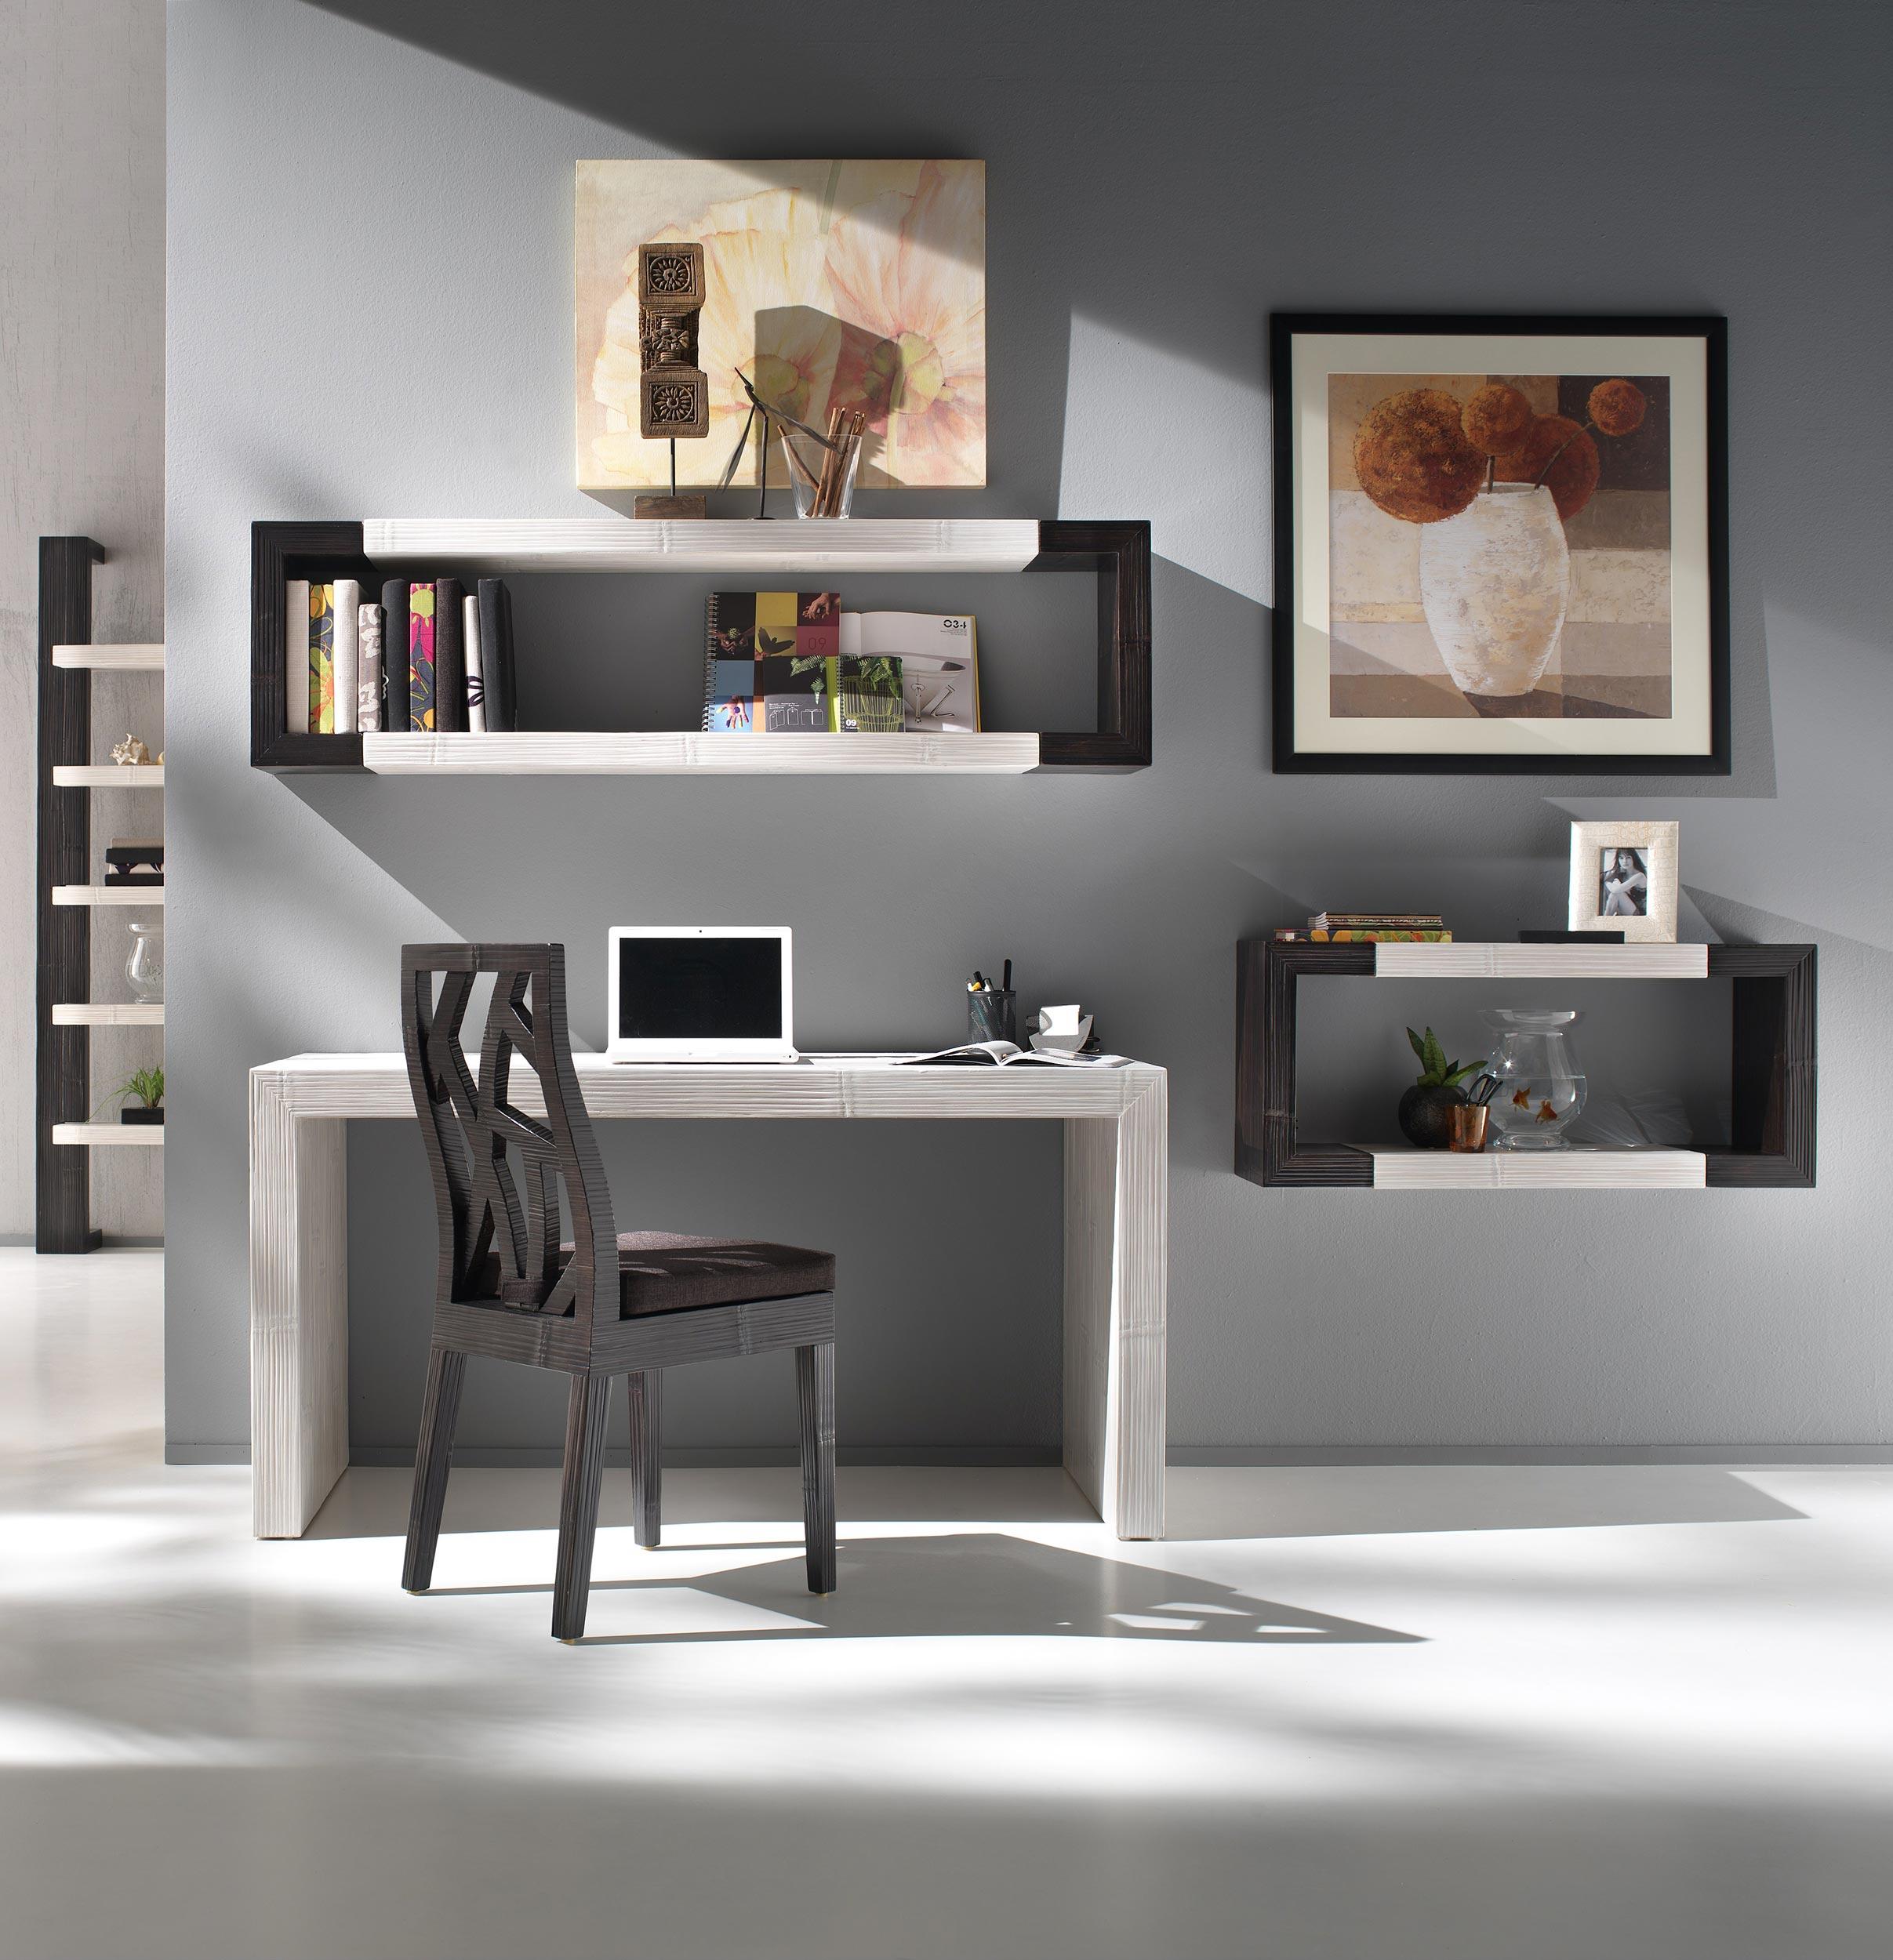 chaise design l 39 esprit contemporain en bambou d roul noir gamme essential. Black Bedroom Furniture Sets. Home Design Ideas